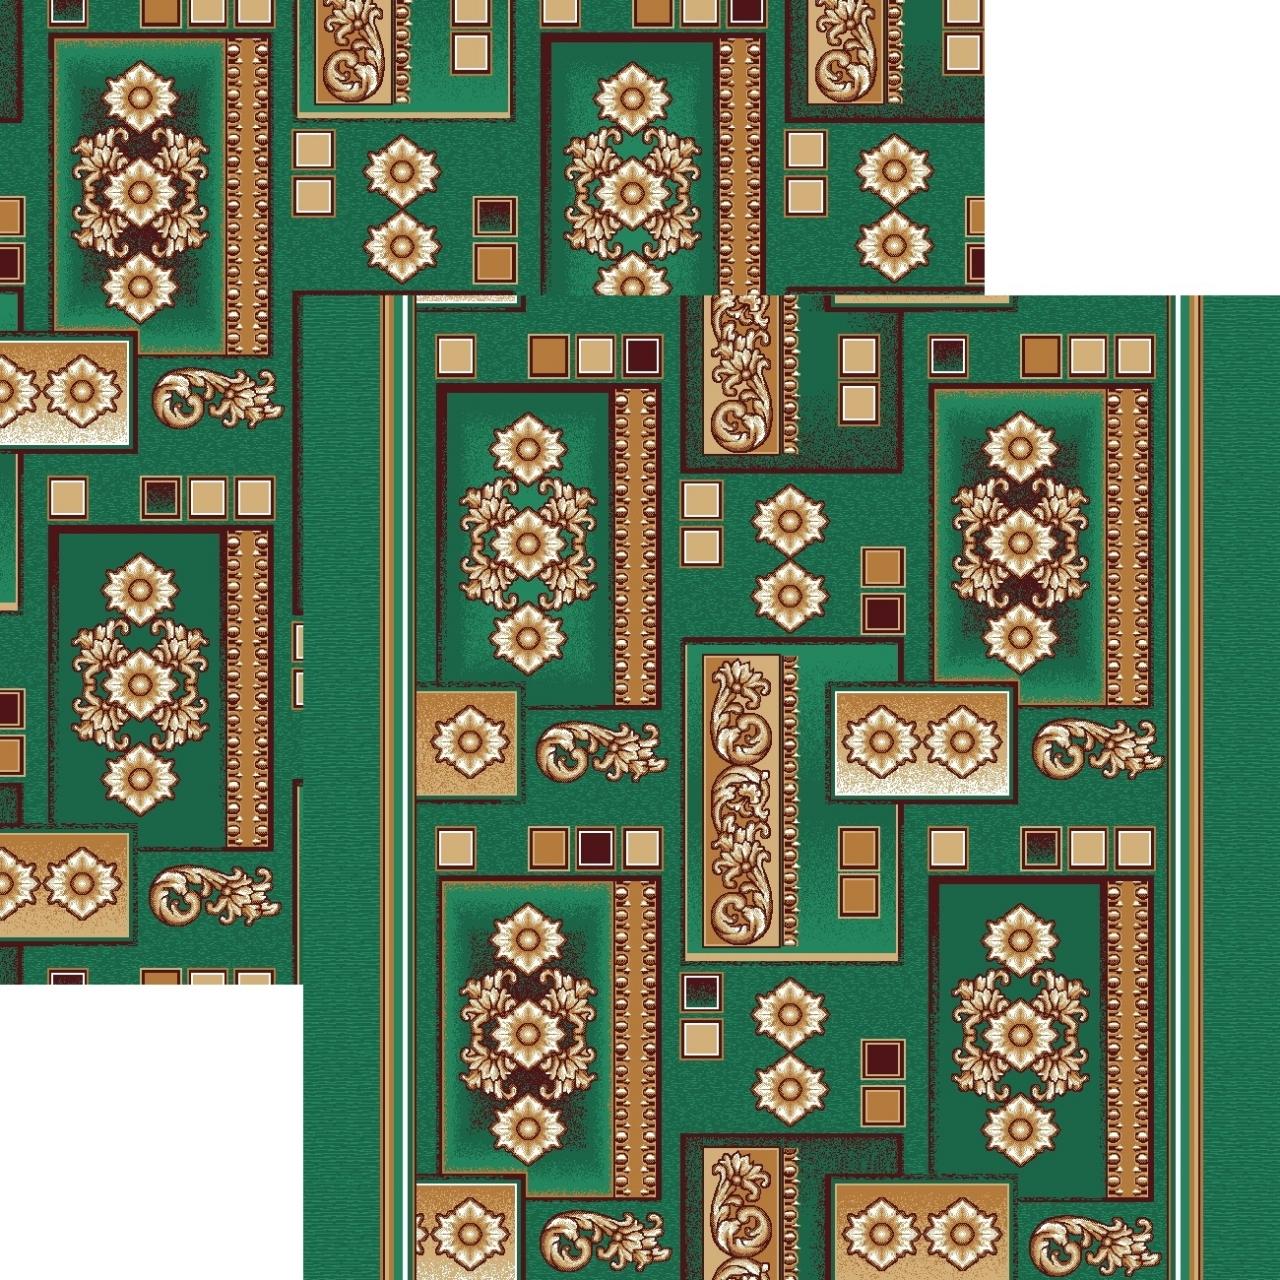 Ковровая дорожка p1520a5p - 36 - коллекция принт 8-ми цветное полотно